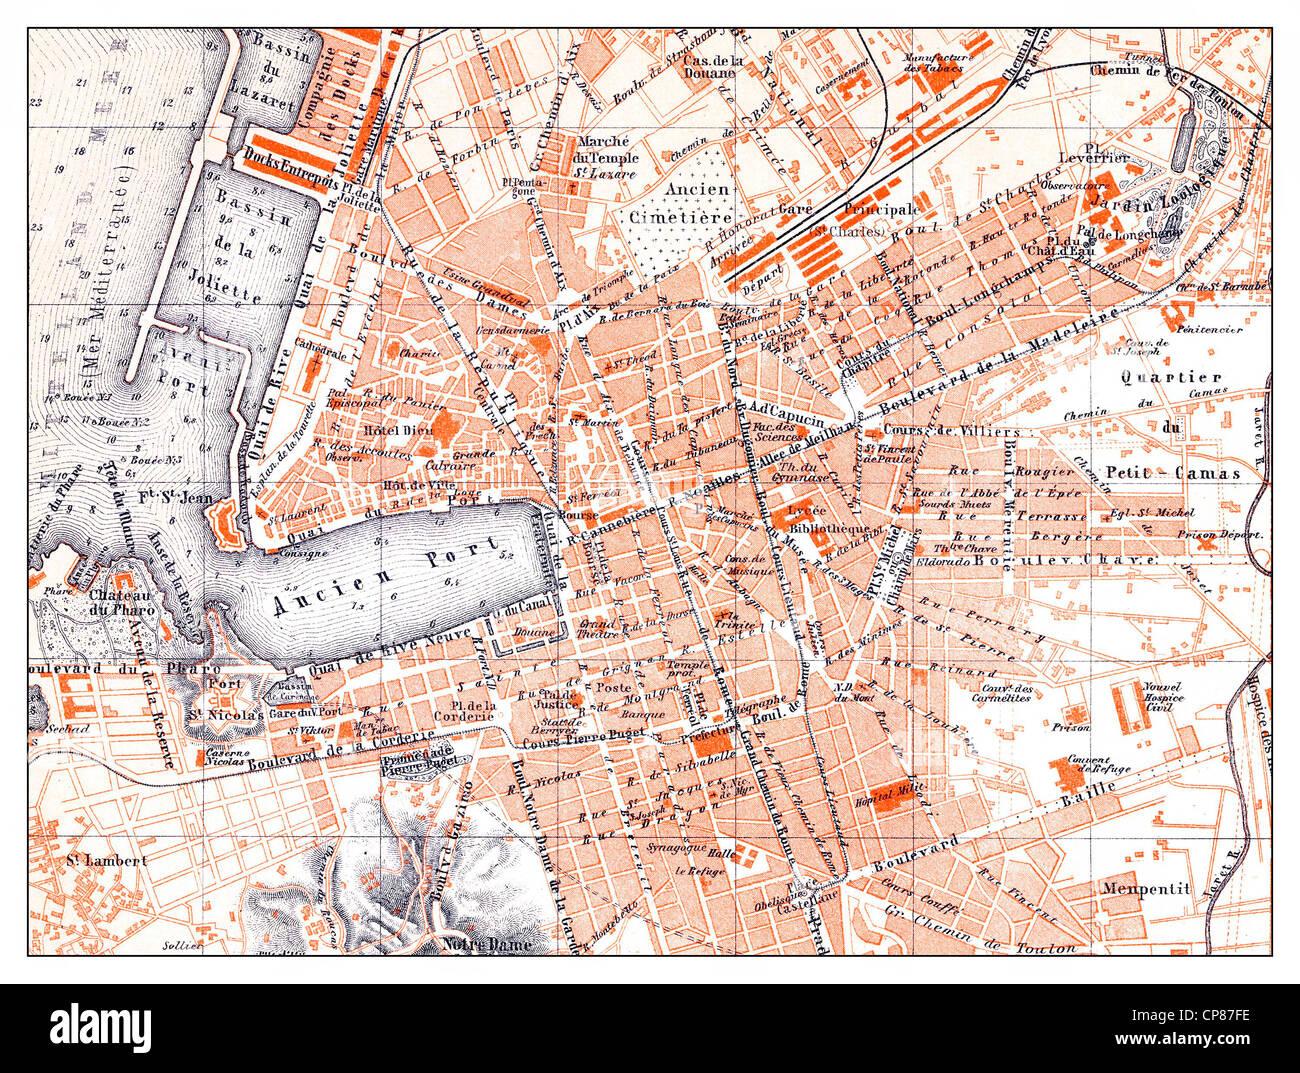 Mappa storica della Marsaille, Francia, Historische, zeichnerische Darstellung, Stadtplan von Marsaille, Frankreich, Immagini Stock